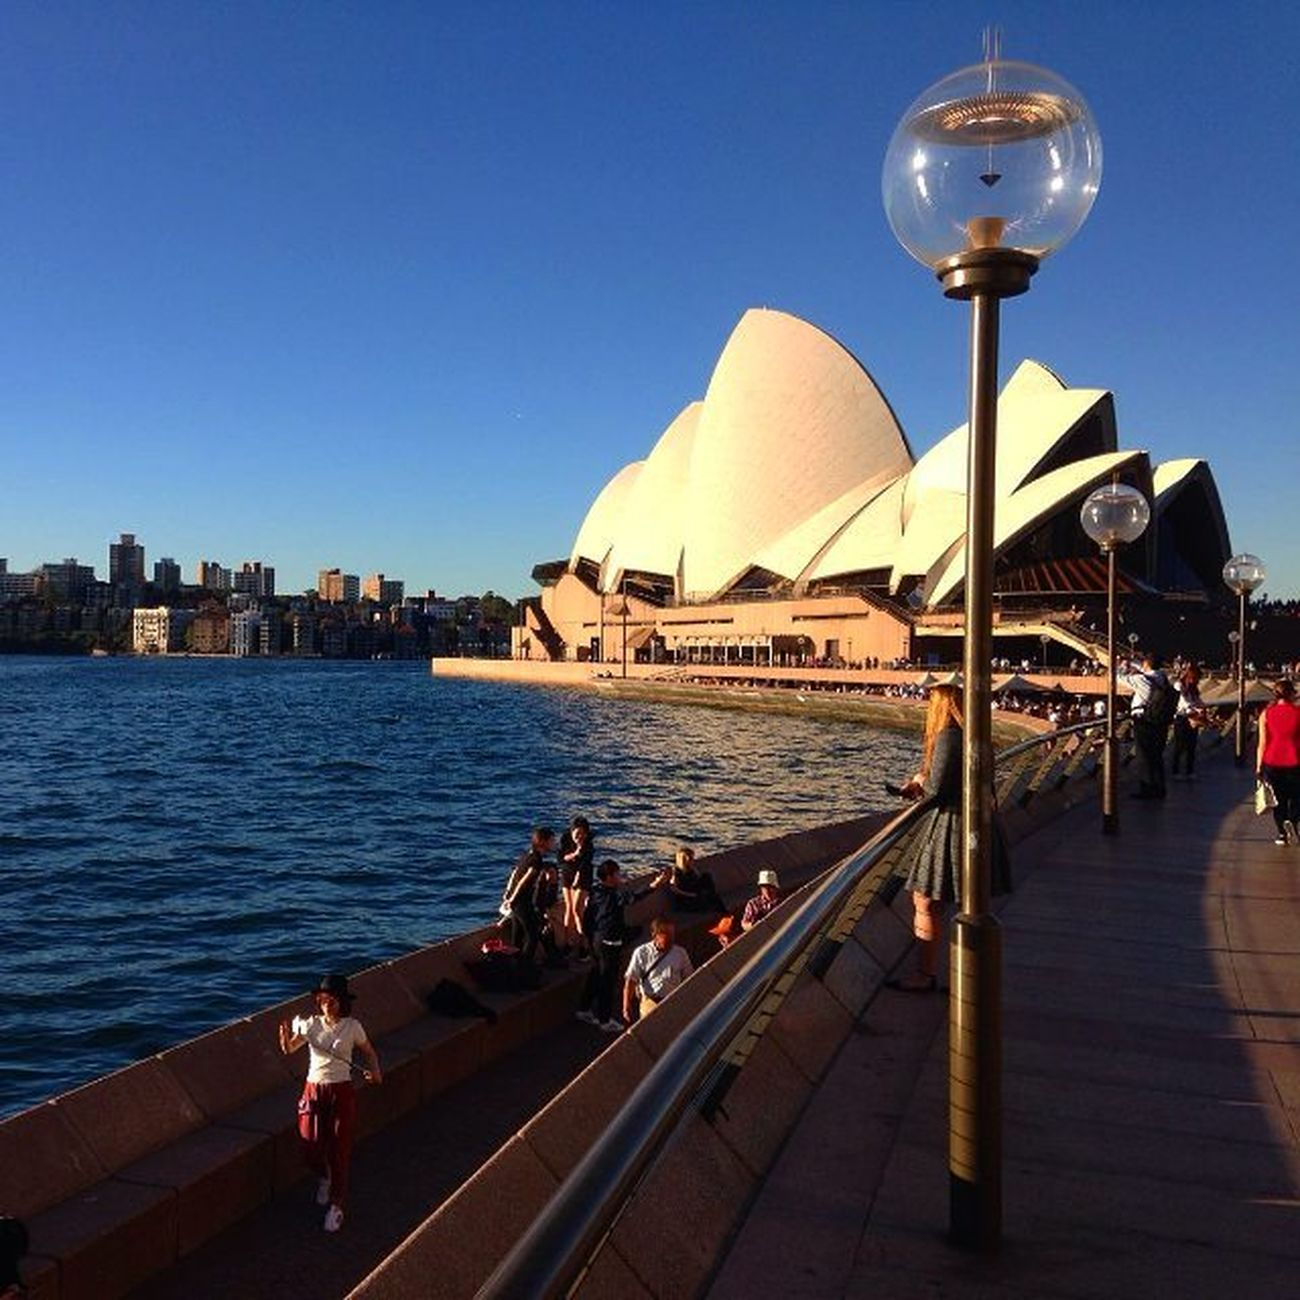 Ну хоть где-то солнечно... фотография от друга который уехалжитьв Австралию мечты дальниестраны хотьоднимглазком города  страны путешествия Сидней театроперы Country City Australia Sidney Dreams Travel Photo Friend